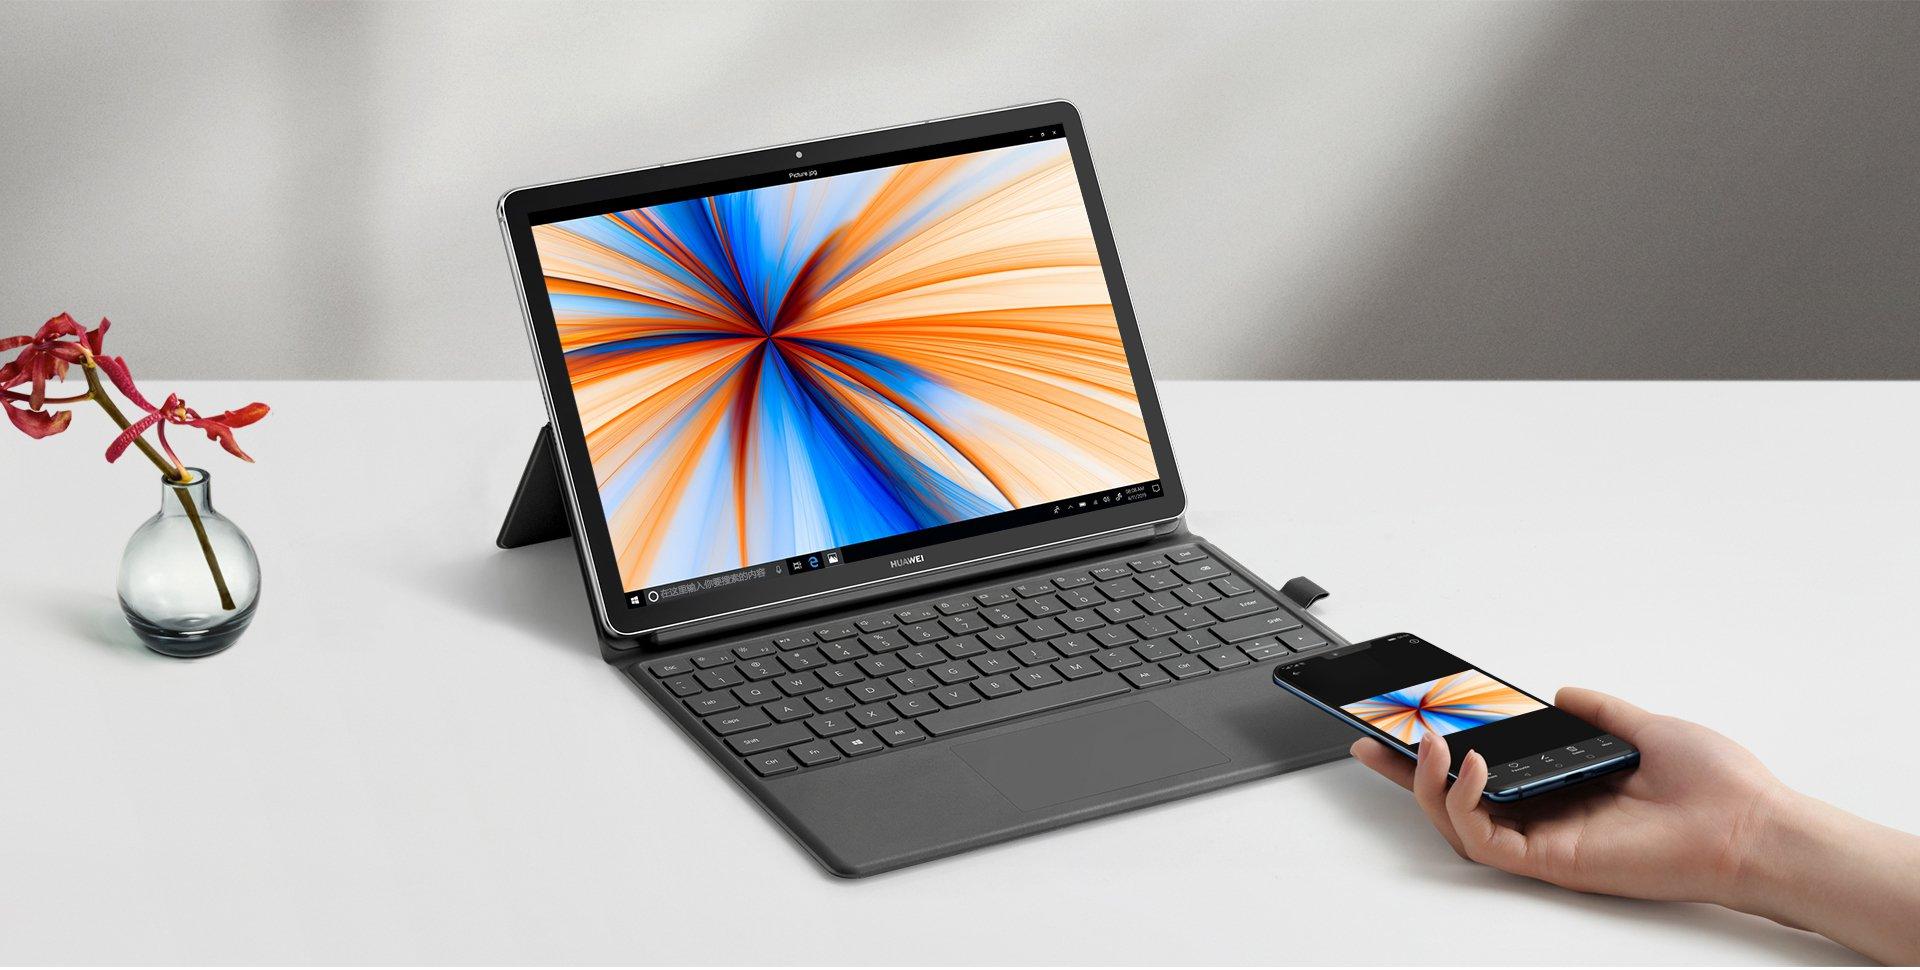 С опережением в месяц. Huawei представила мобильный компьютер Mate Book E 2019 на платформе Snapdragon 850 и Windows 10